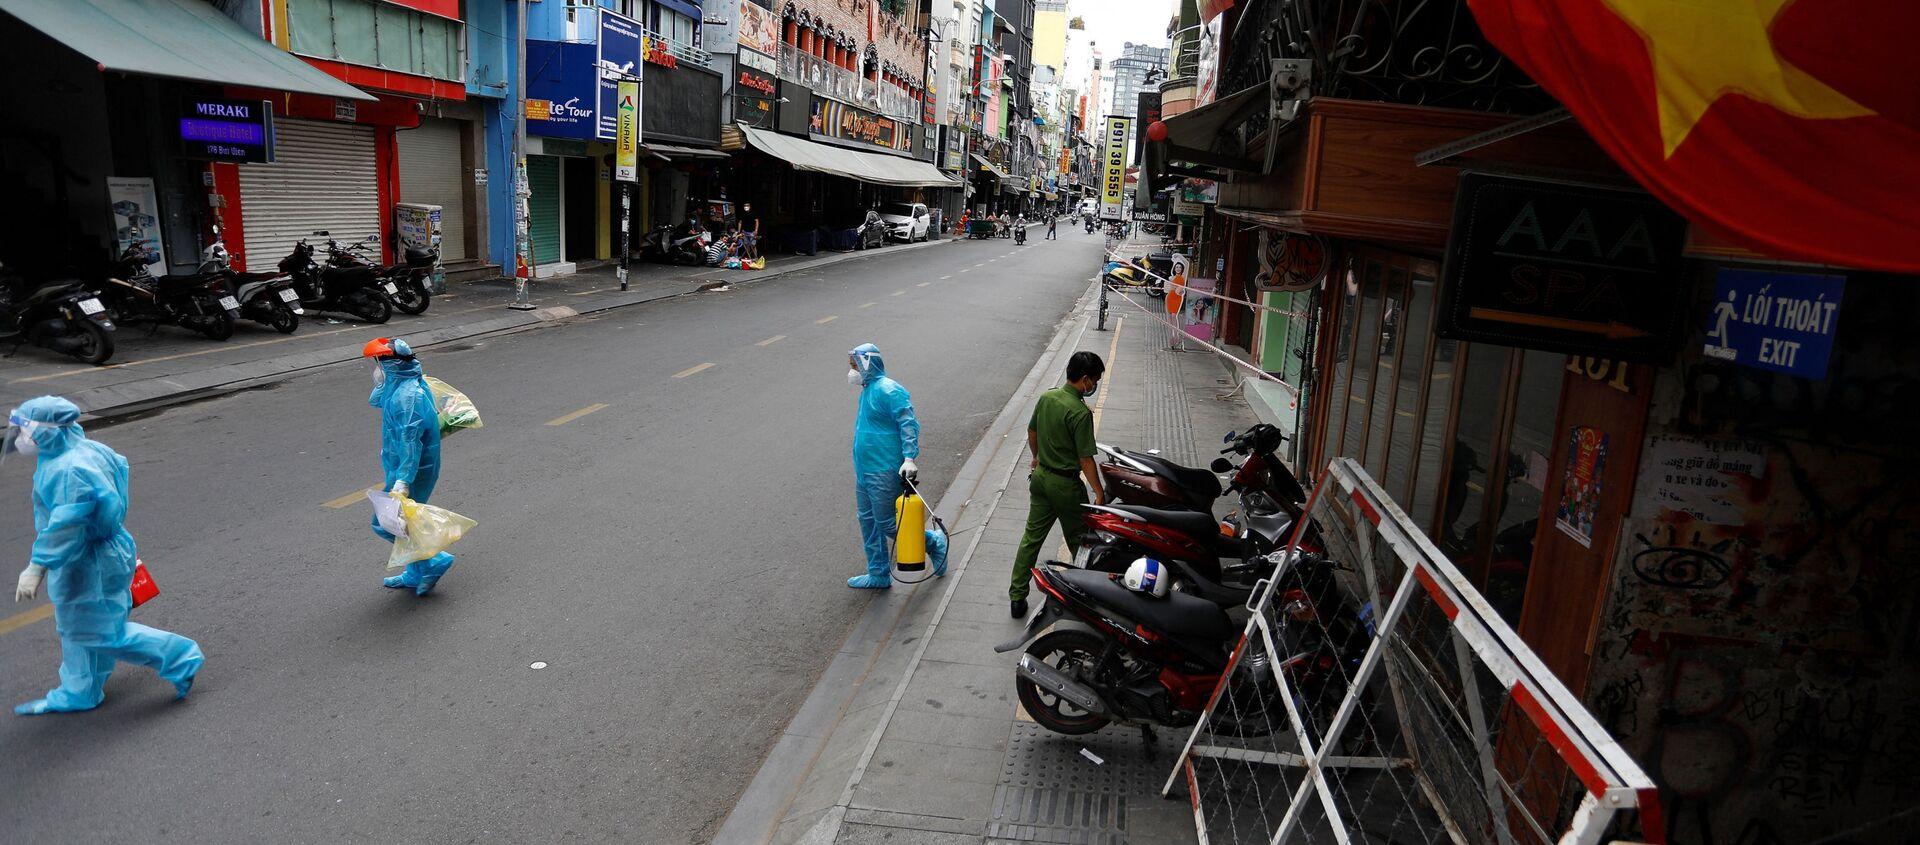 Nhân viên y tế trong ngày đầu tiên sau khi chính phủ áp đặt hai tuần cách ly ở Thành phố Hồ Chí Minh, Việt Nam - Sputnik Việt Nam, 1920, 10.07.2021